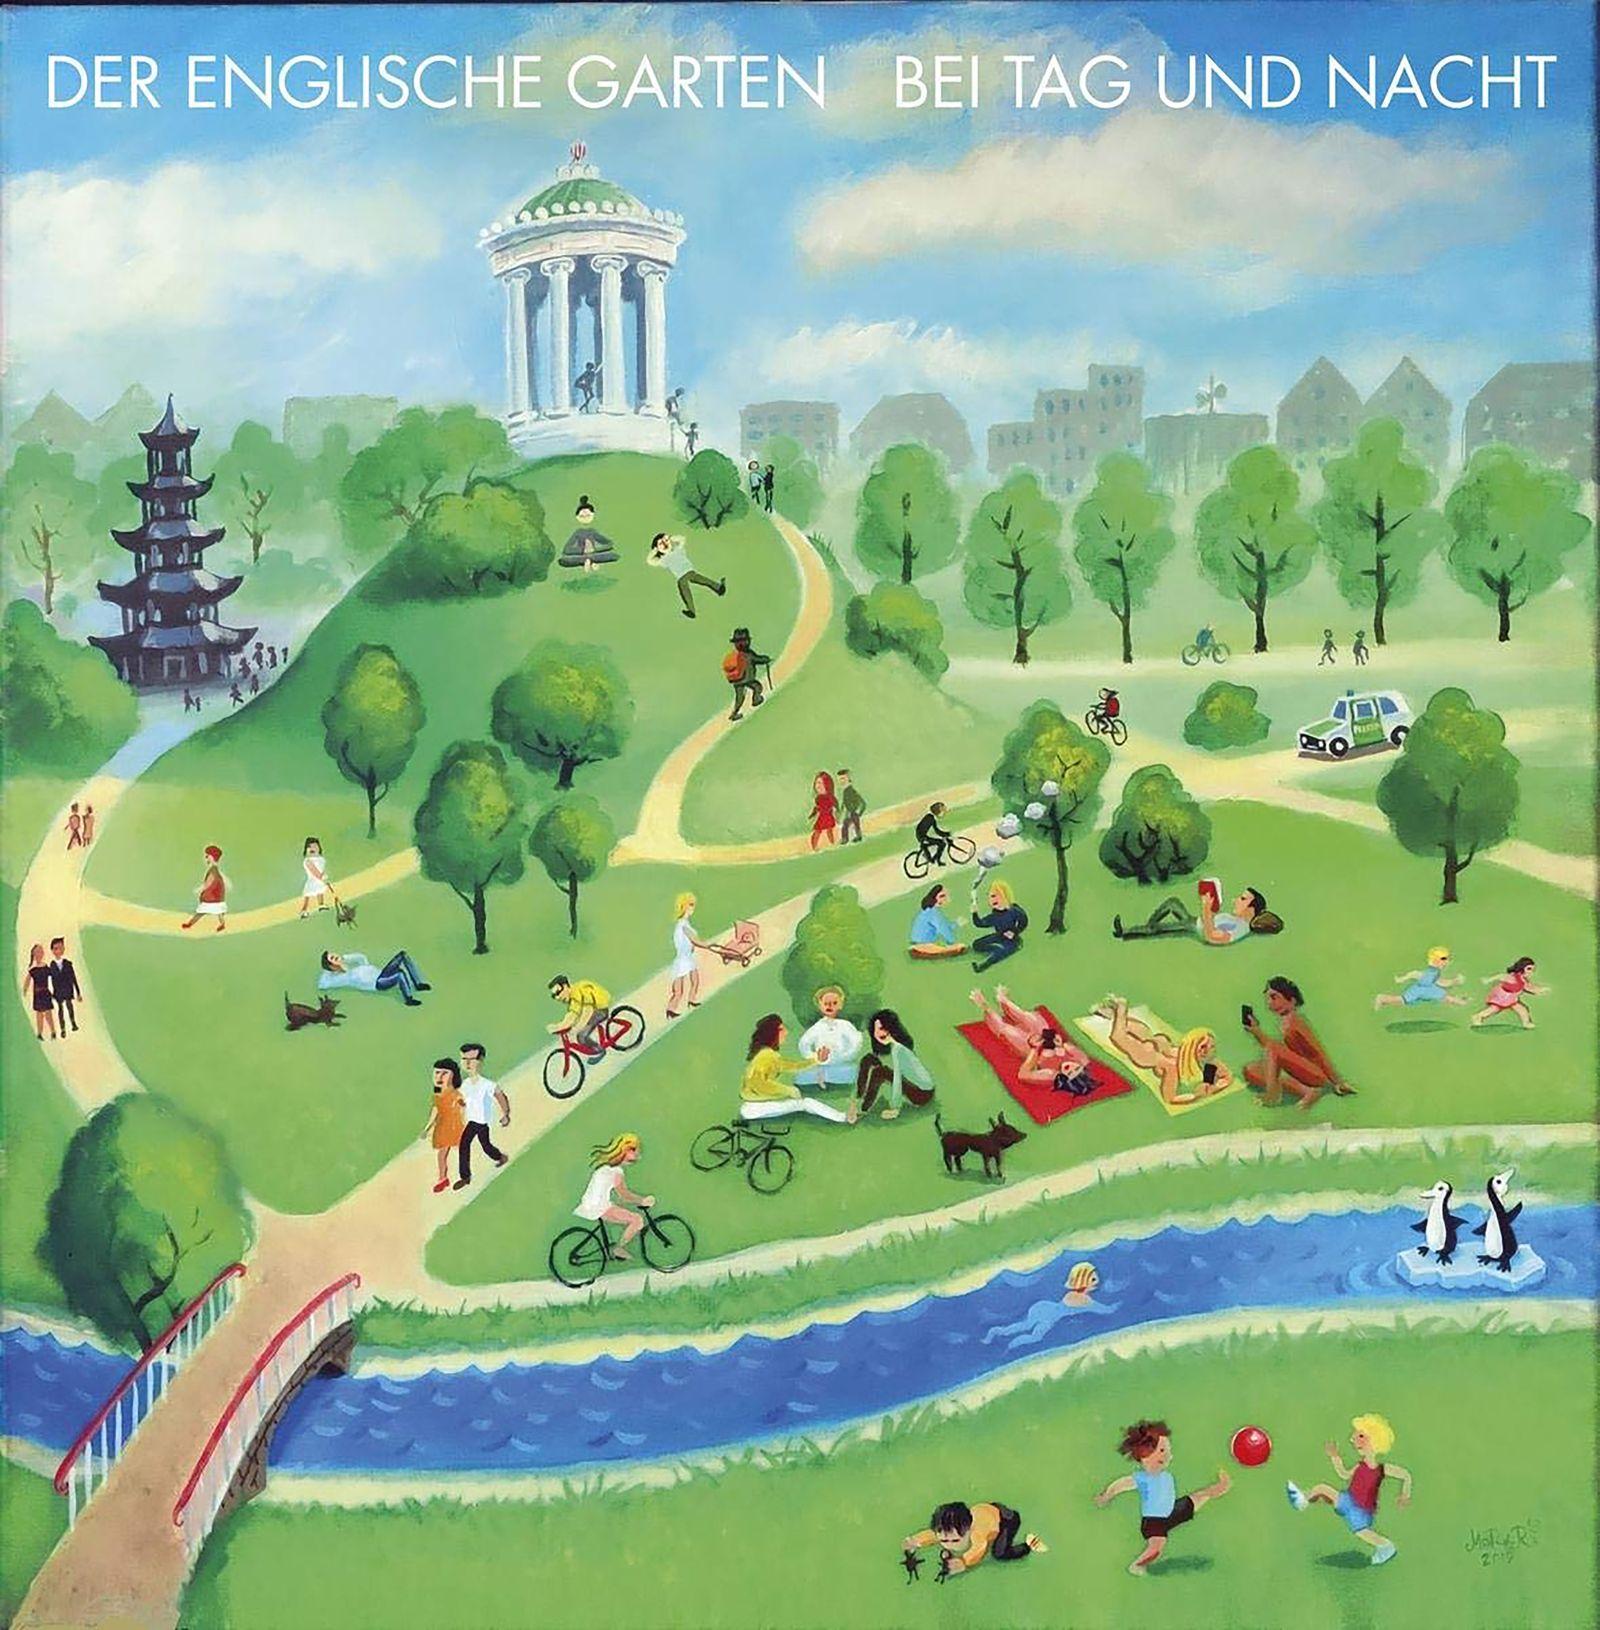 Abgehört/ Der Englische Garten: Bei Tag und Nacht COVER